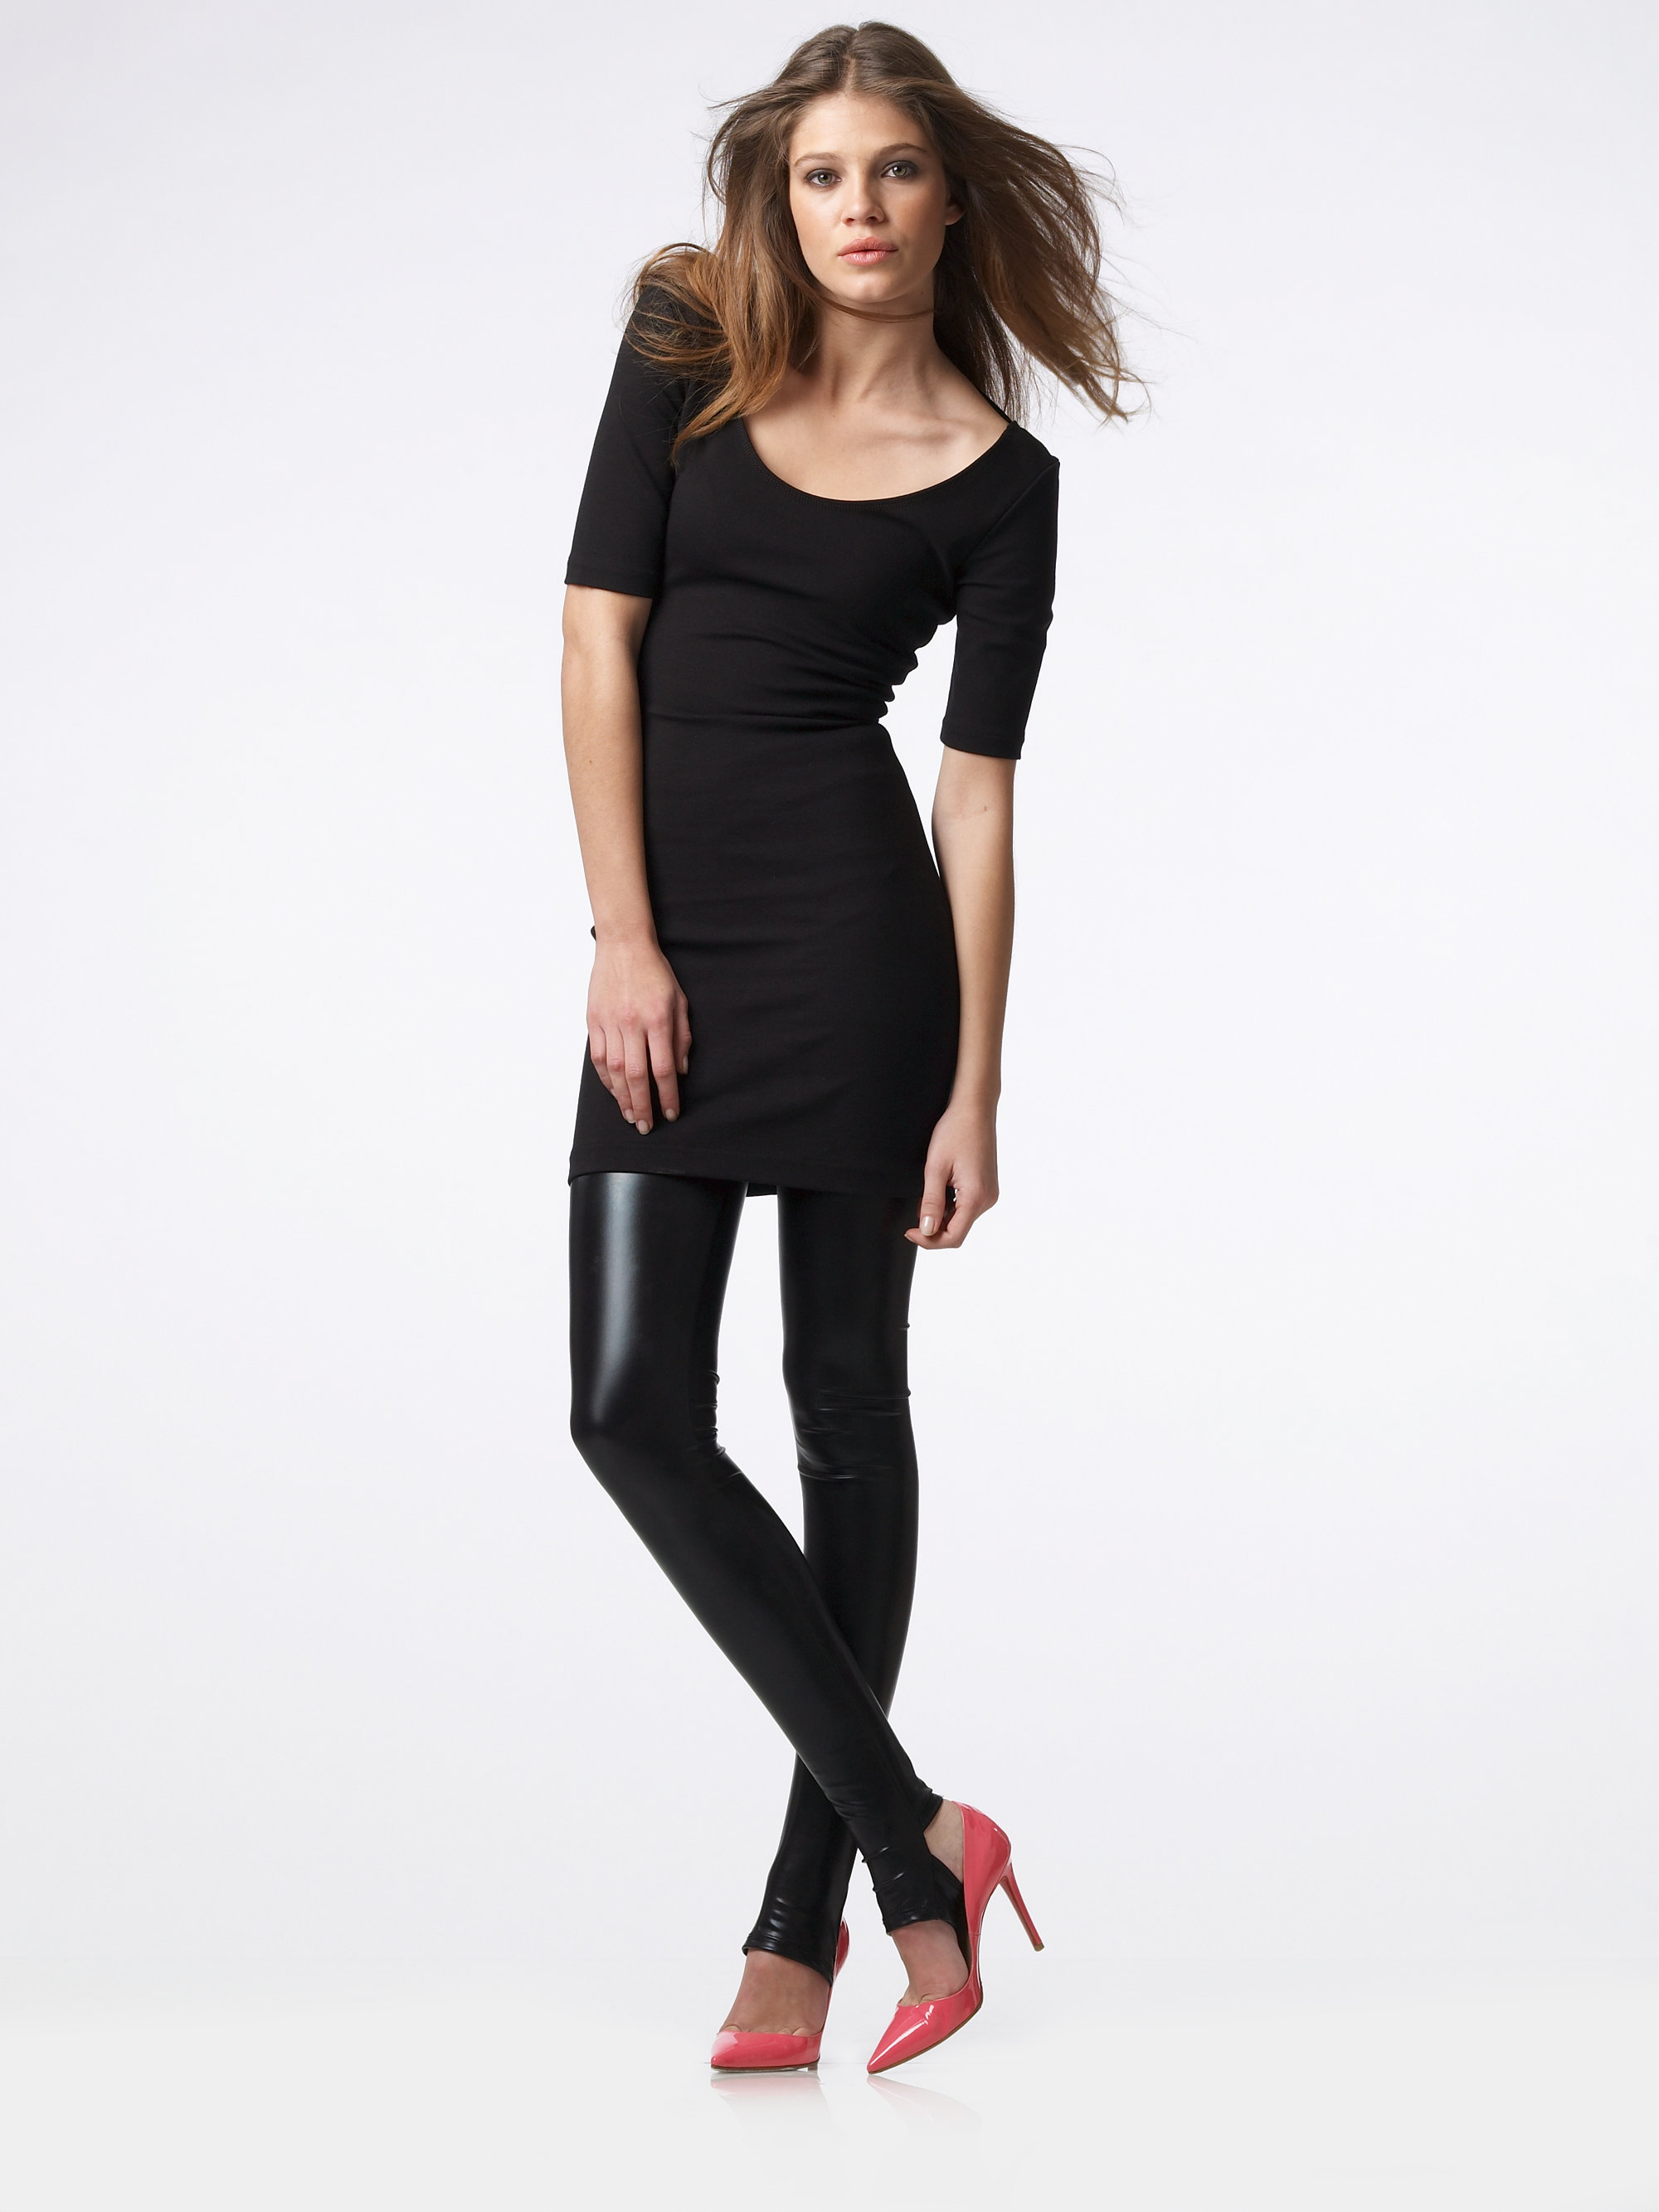 Aeropostale Jeans For Women